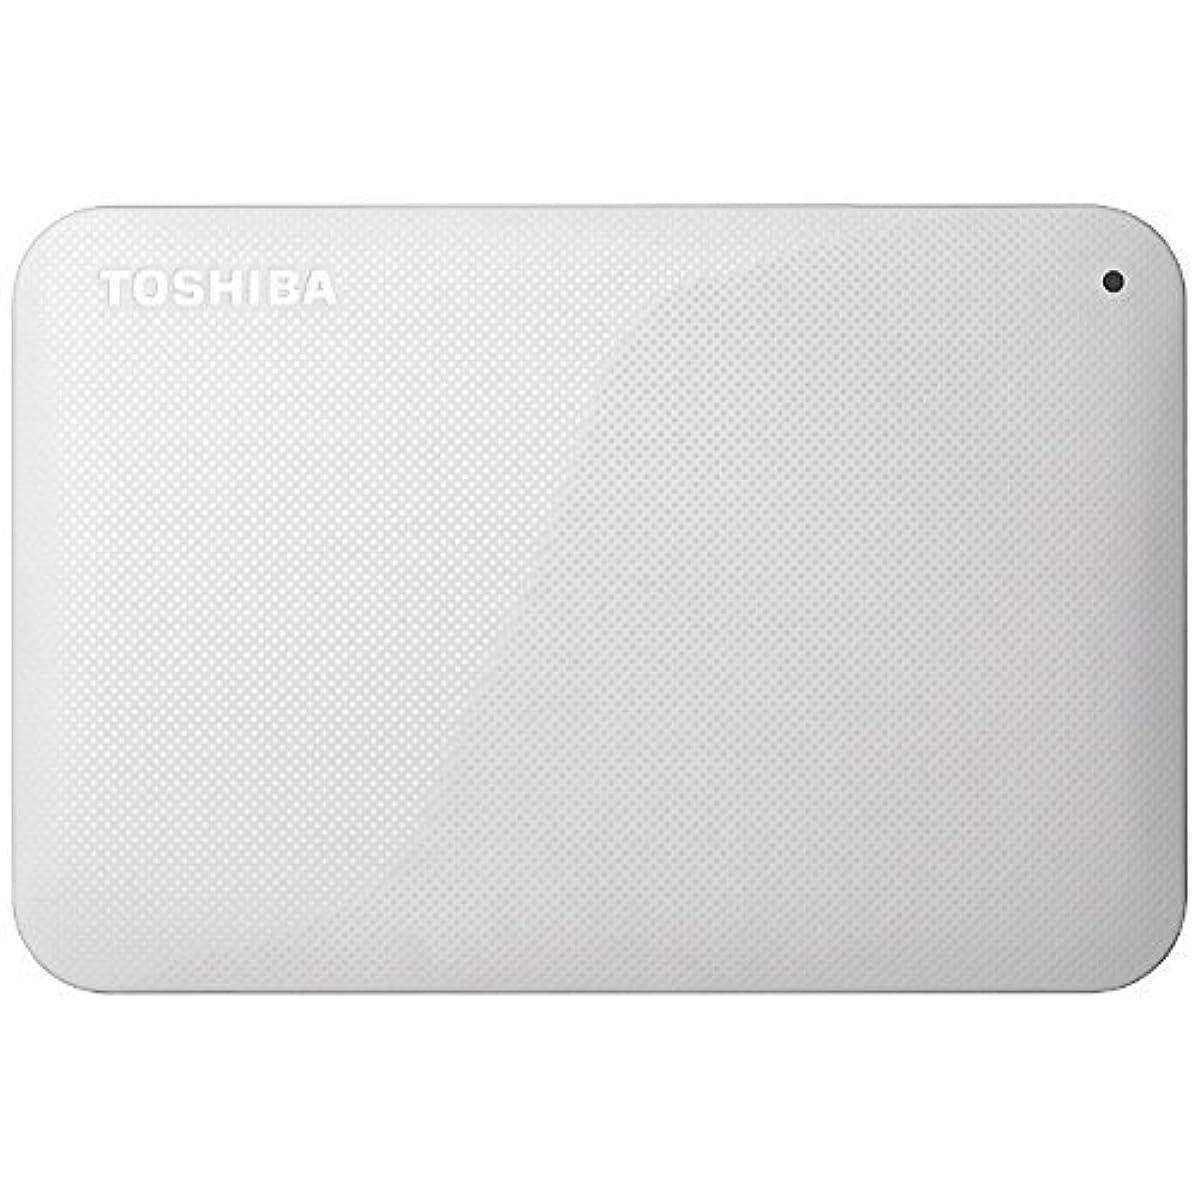 [해외] 도시바 휴대용 하드디스크 1TB / HD-AC10TW